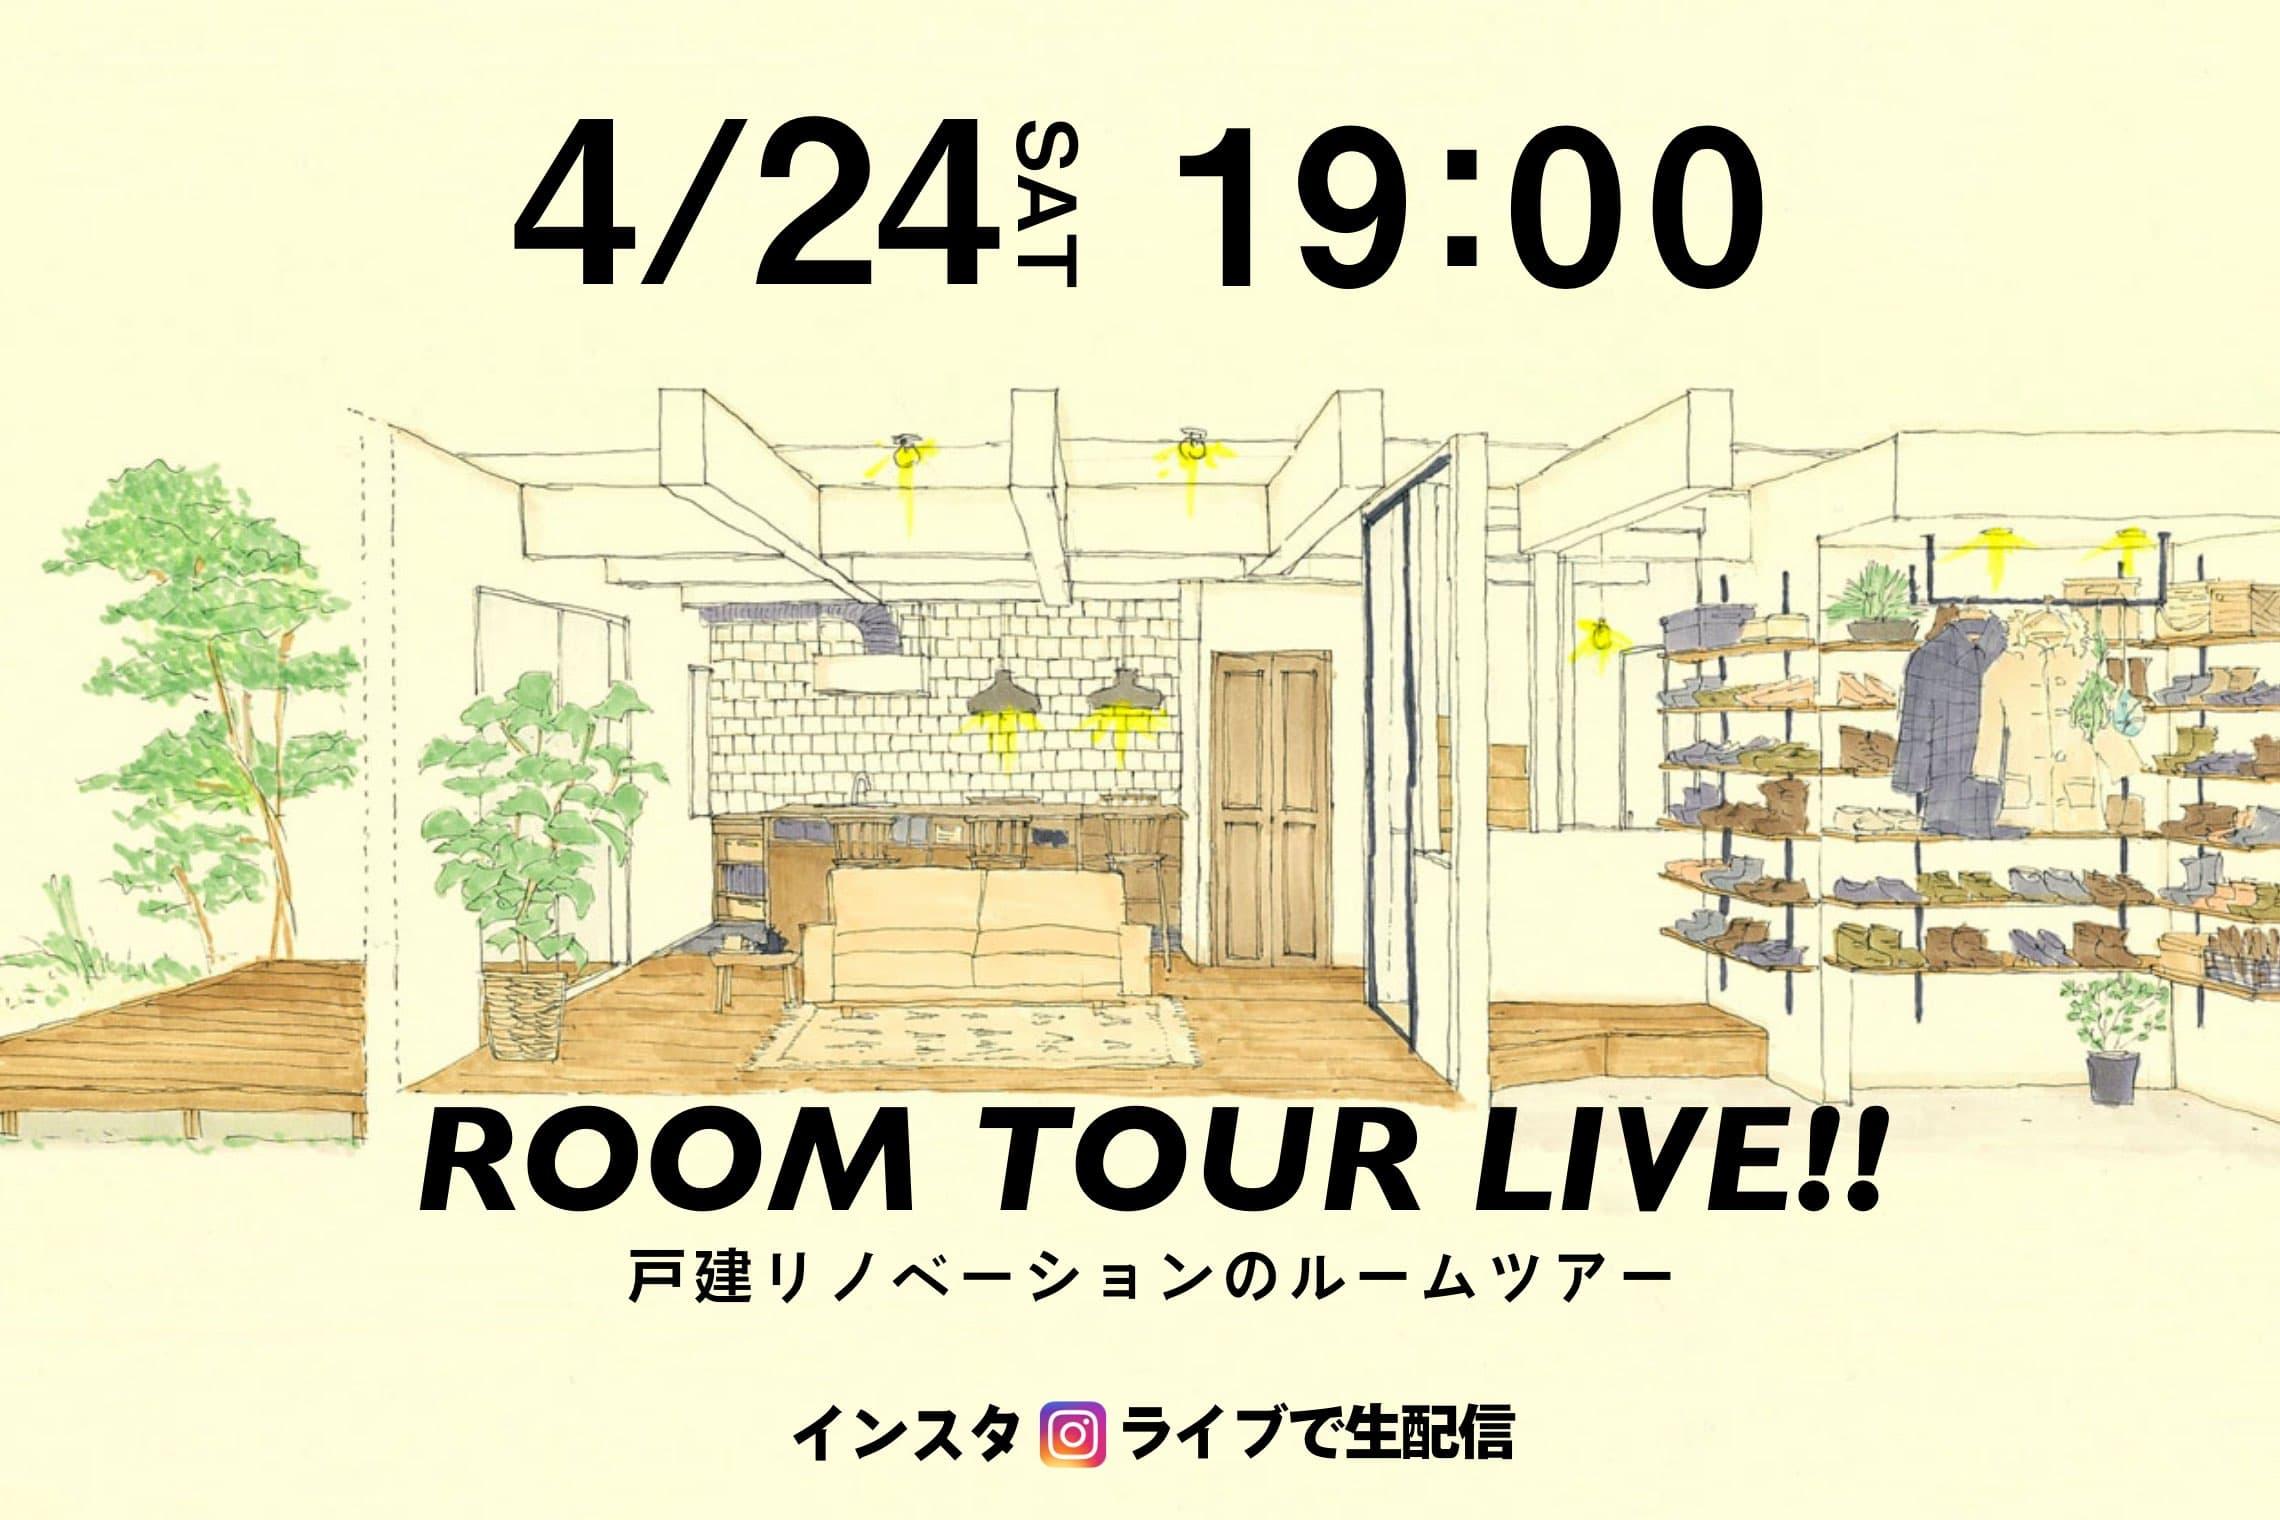 【ルームツアーLIVE】戸建リノベーション!! RENO CAFE会場からお部屋を大公開!!